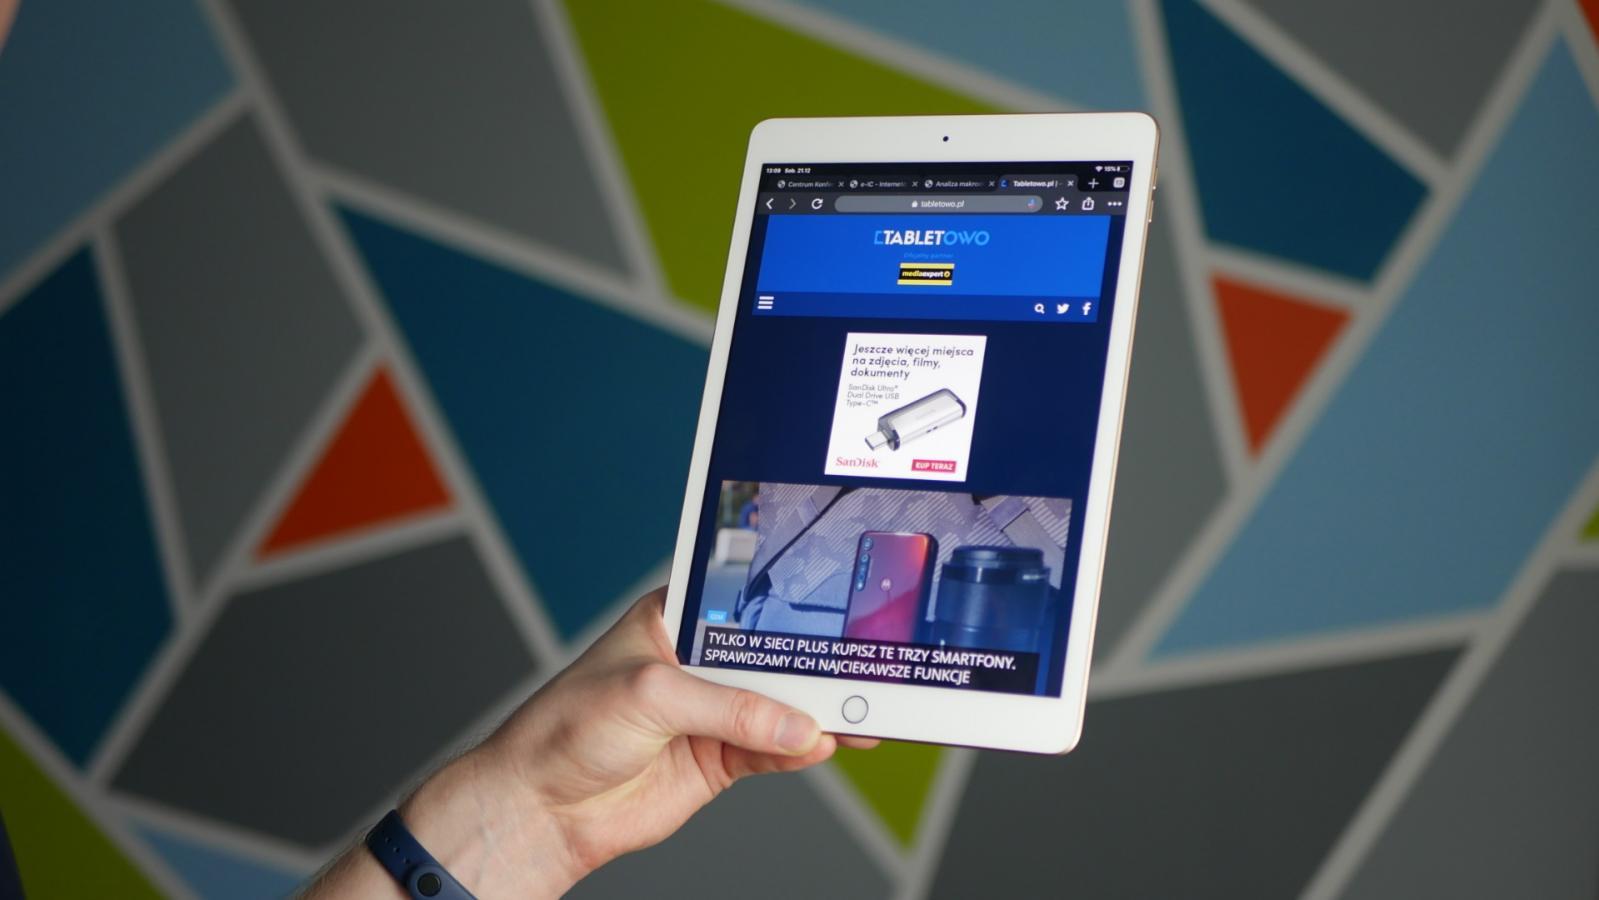 Recenzja iPada 10,2 cala 7. generacji - sprzęt, który pokazał mi, że tablety dalej mają sens! 27